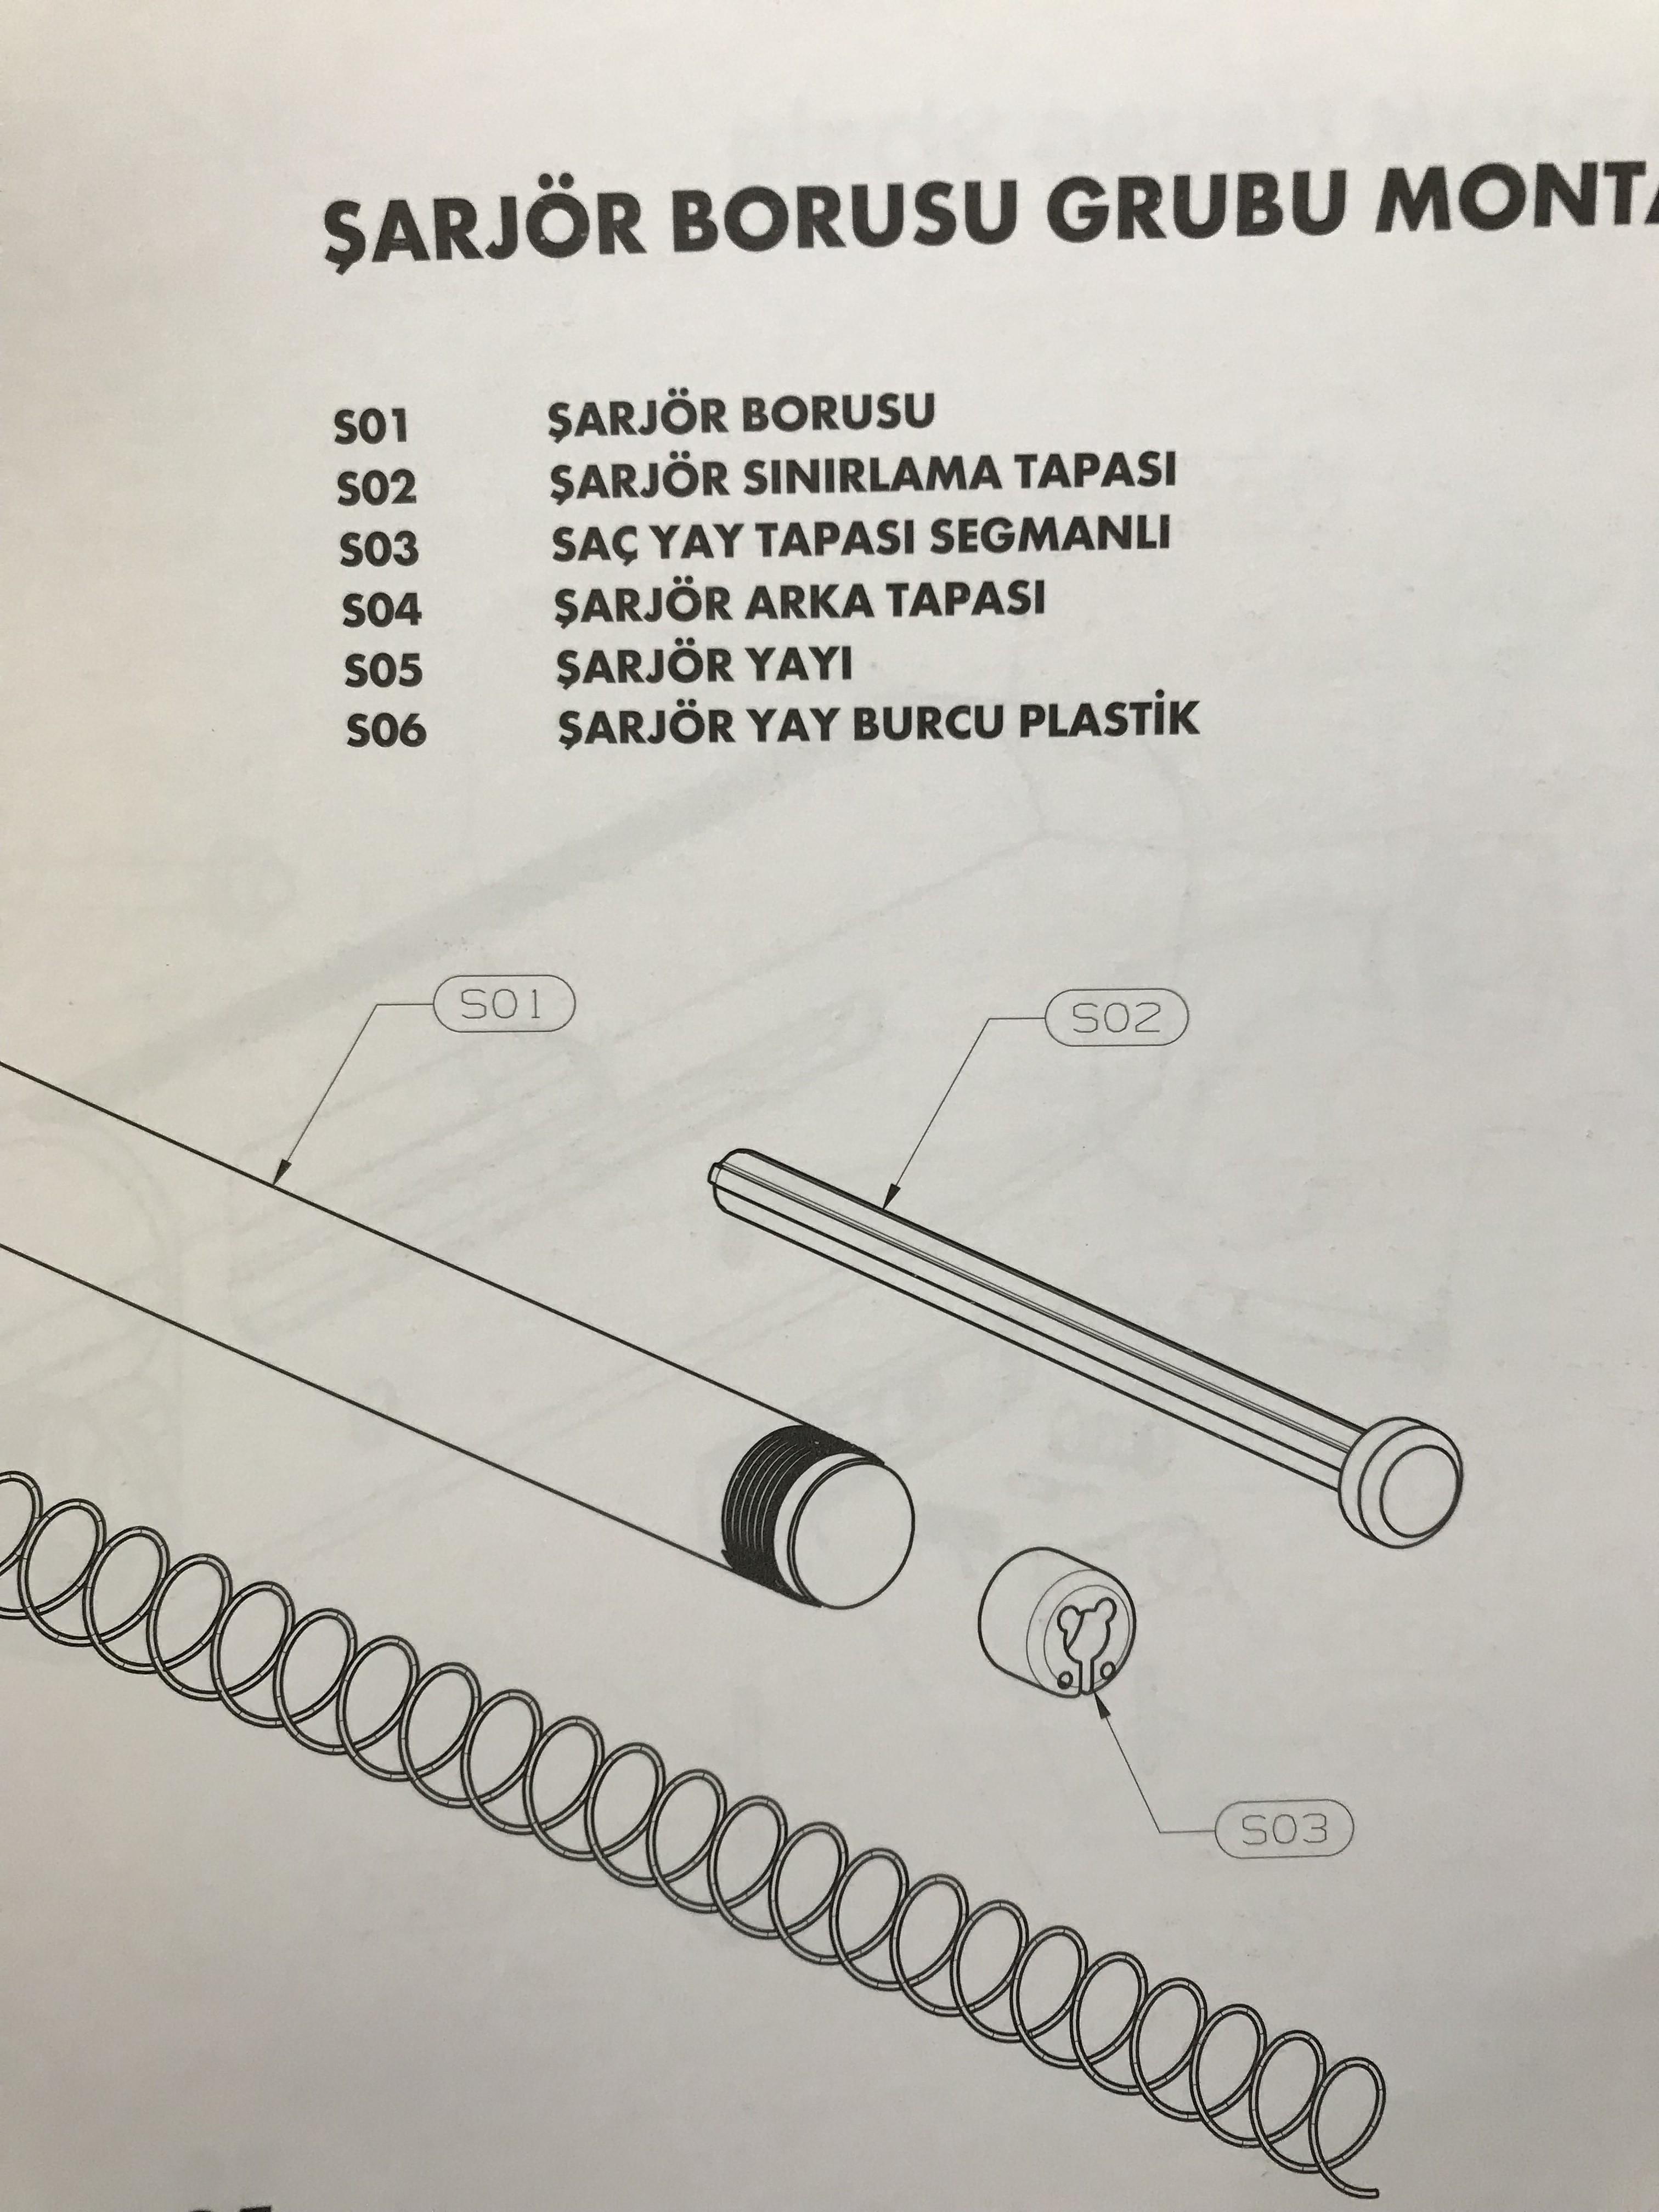 [Resim: 9-A38-F5-F6-7288-4-F0-B-B3-B3-730-A9-B5-F7-F04.jpg]